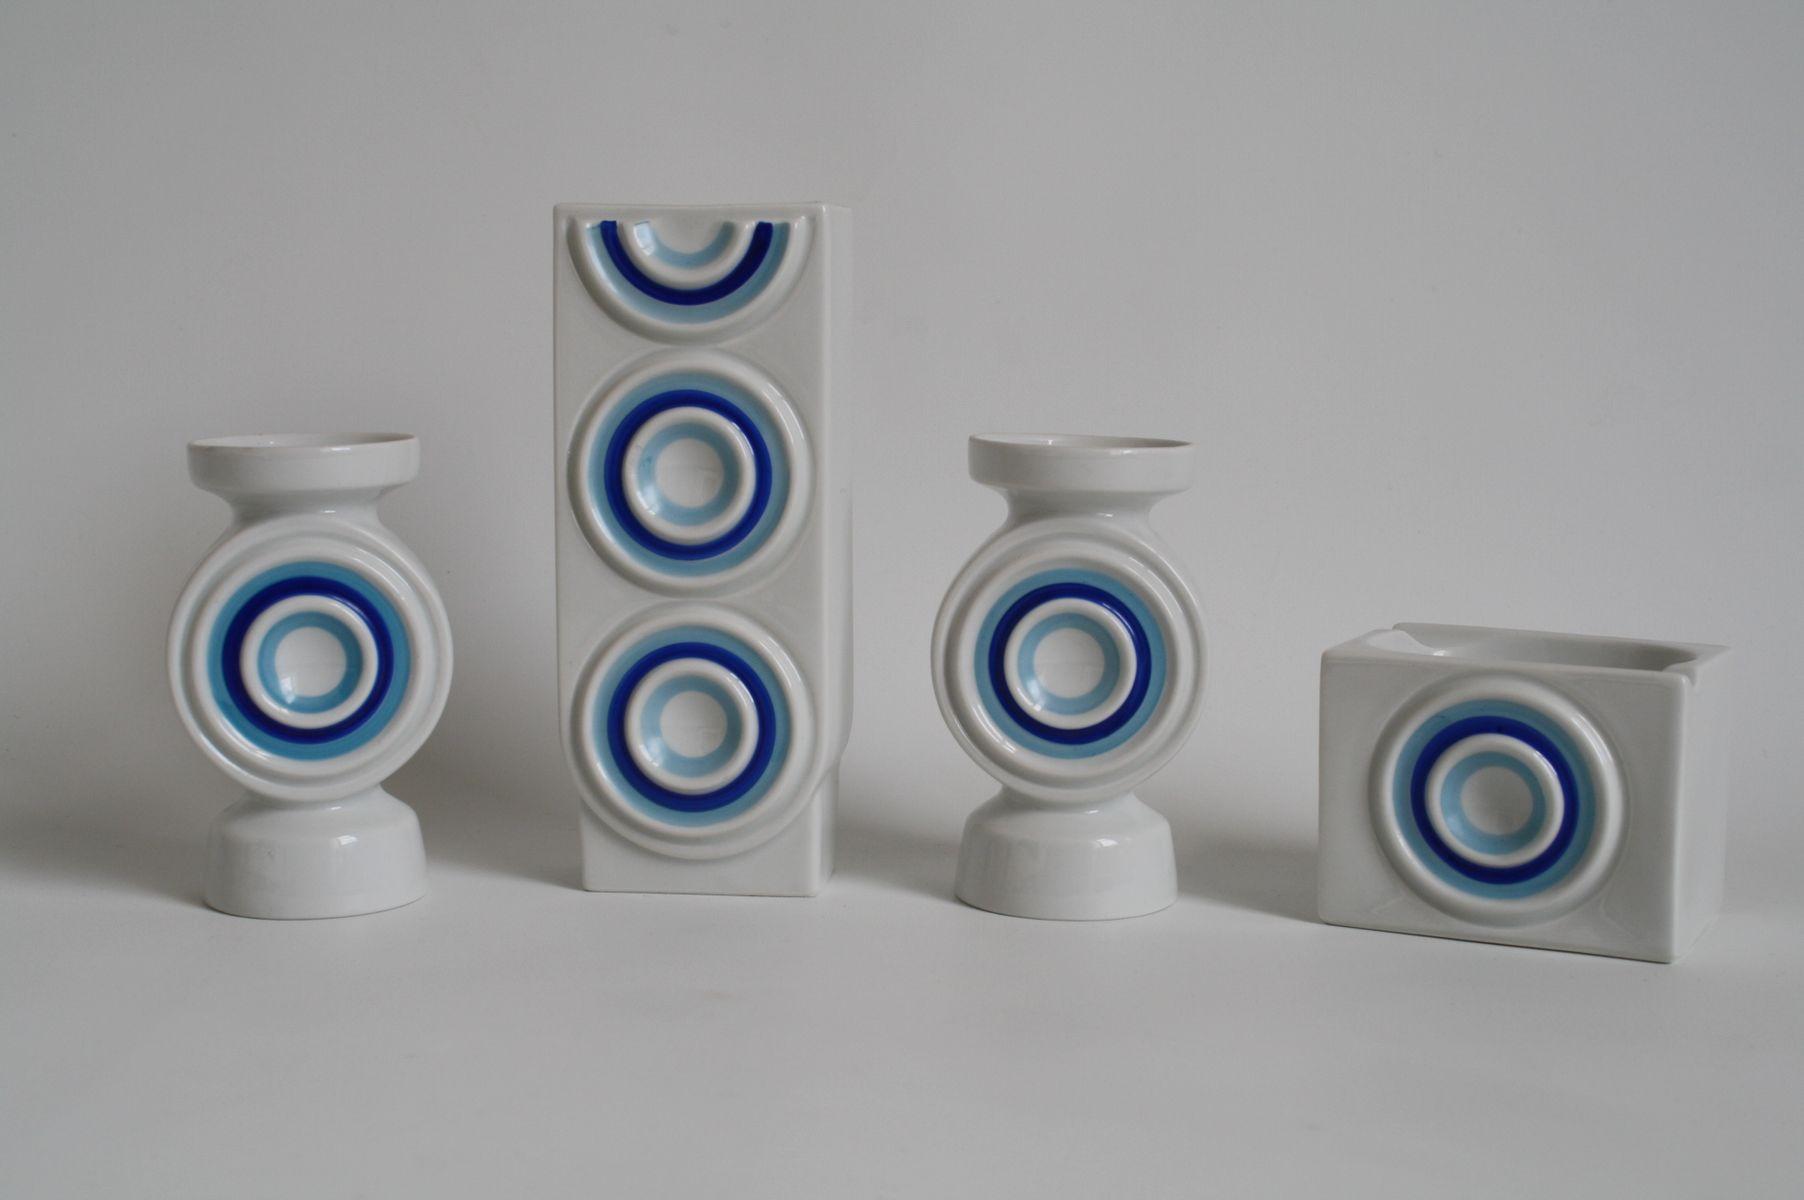 deutsche op art porzellan vasen aschenbecher von plankenhammer 1960er 4er set bei pamono kaufen. Black Bedroom Furniture Sets. Home Design Ideas